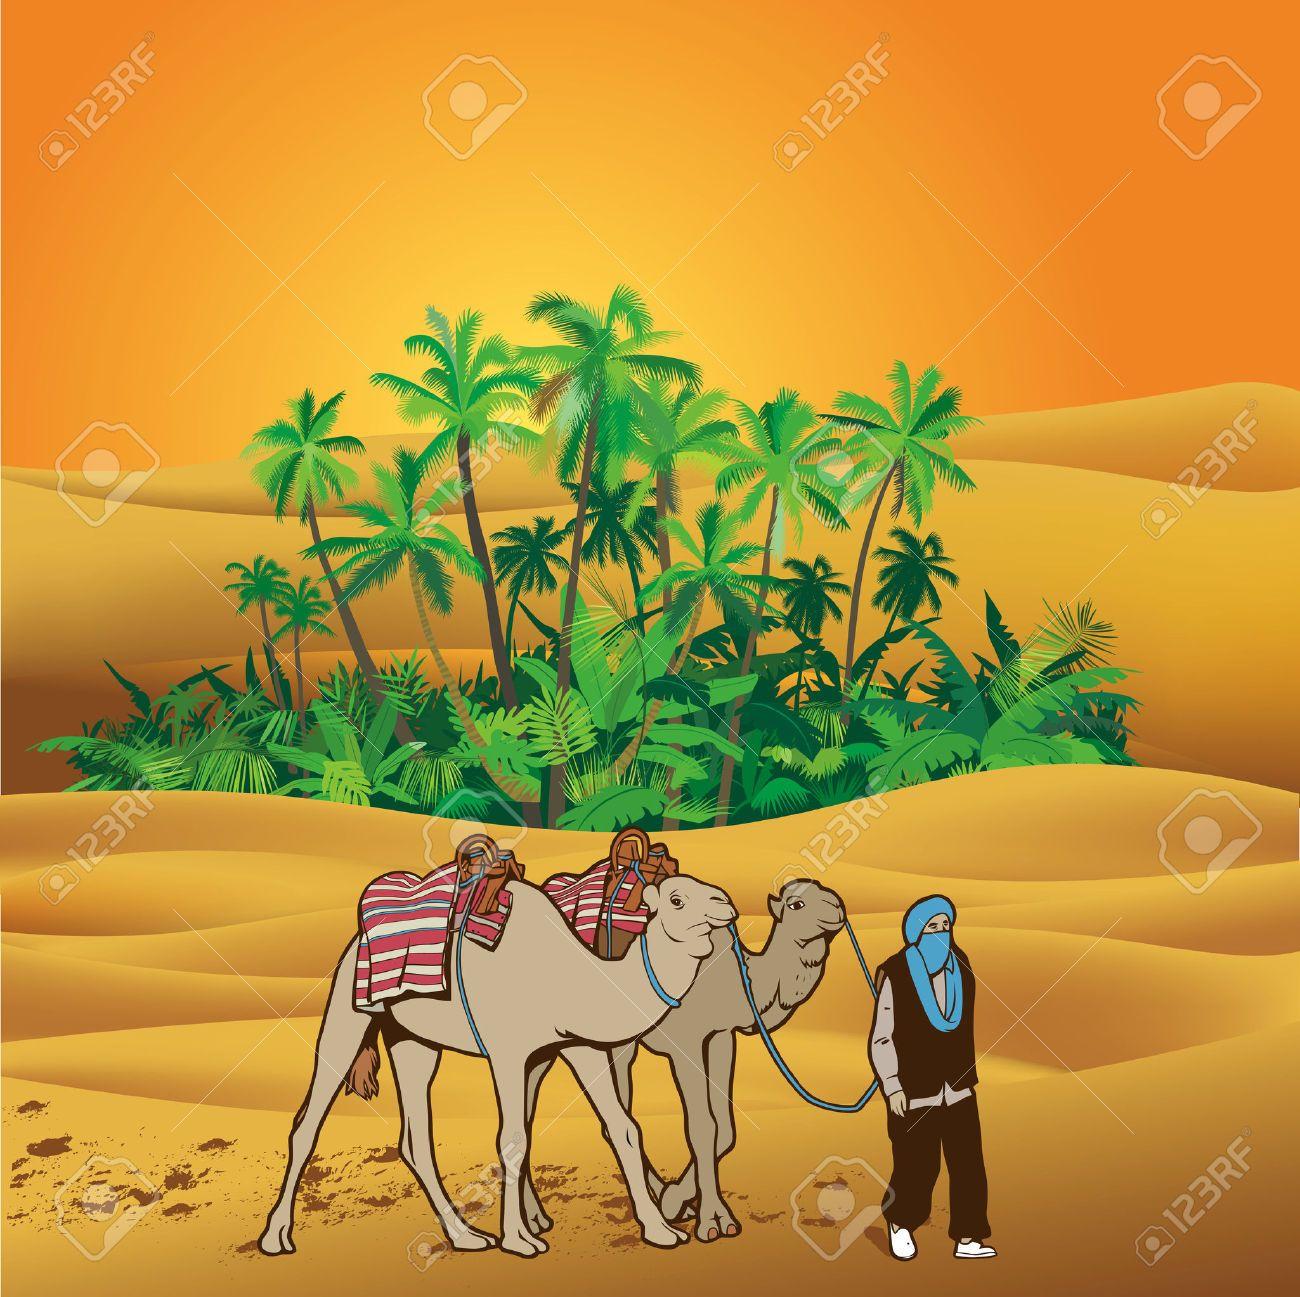 8198555 Desierto Ilustraci N De Sahara Foto De Archivo Jpg 1300 1297 Dibujos Desierto Oasis En El Desierto